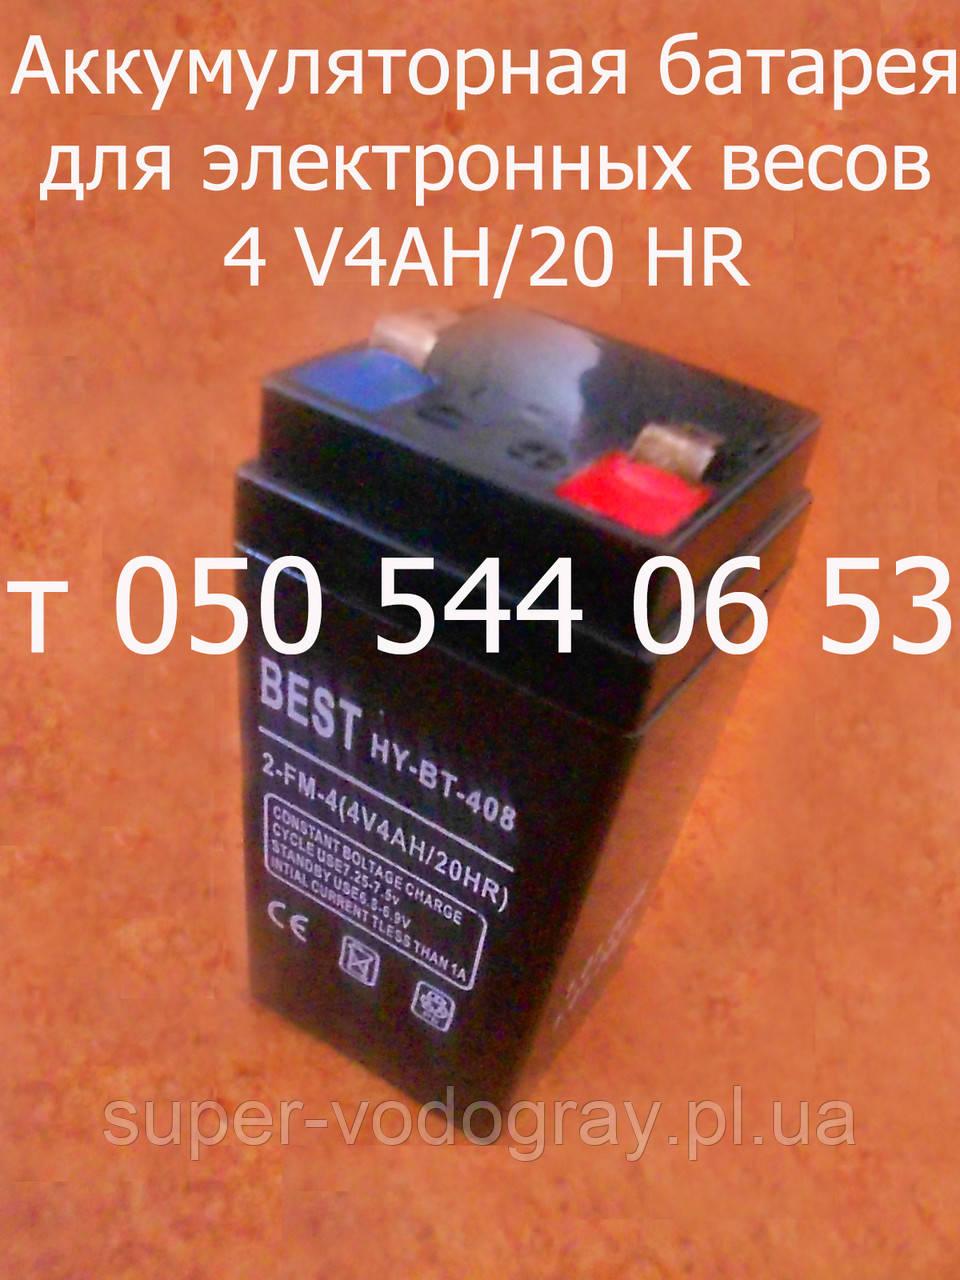 Аккумуляторная батарея для электронных весов (4 АН/4V)